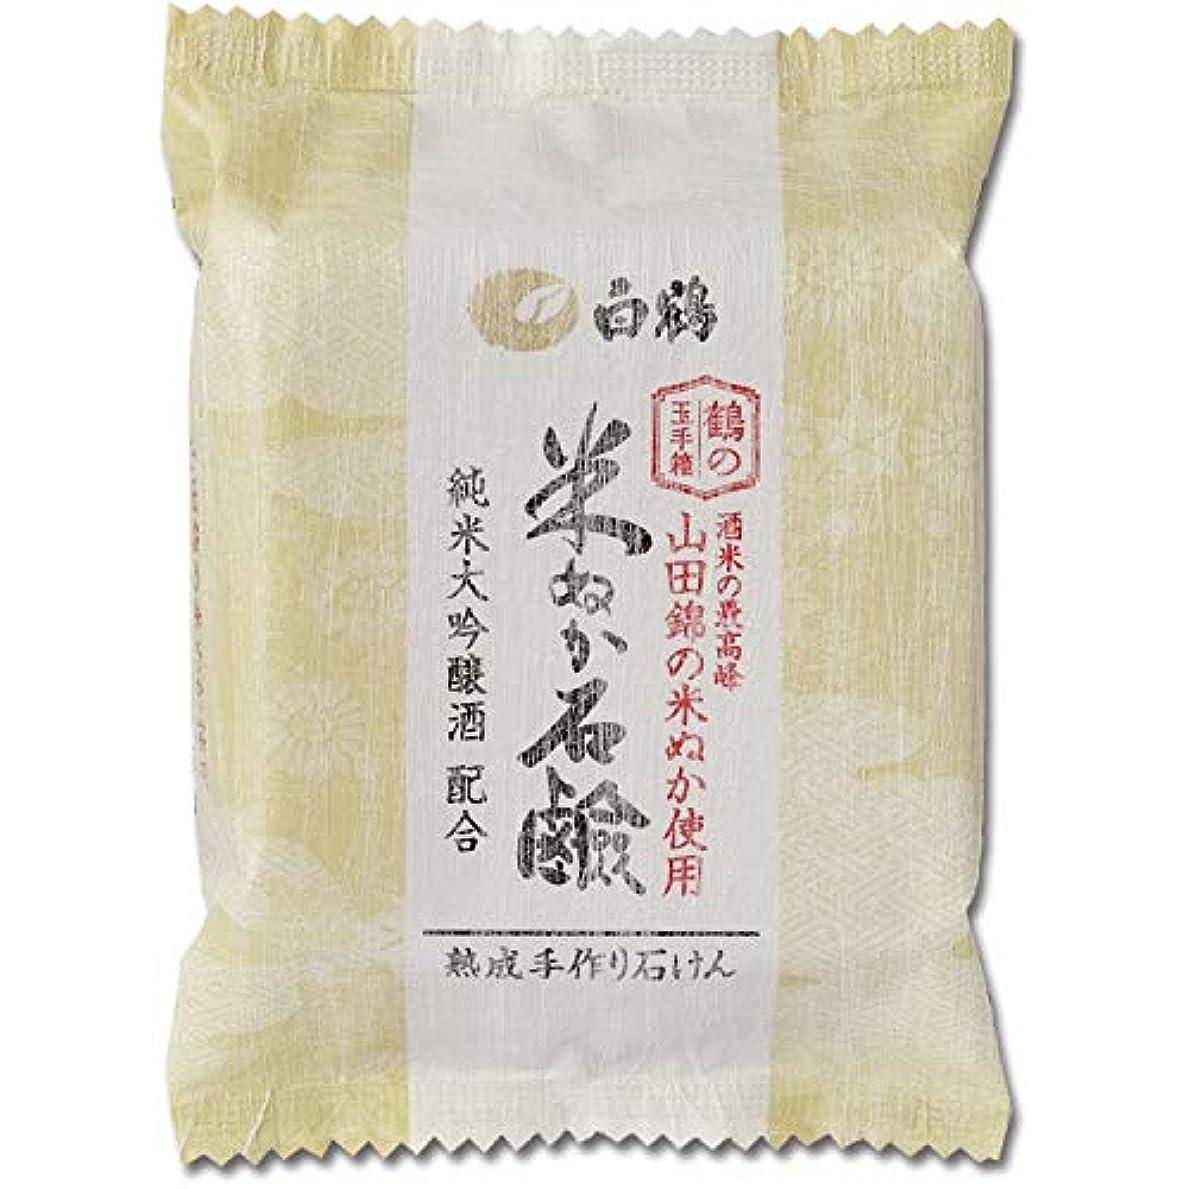 束制限ハード白鶴 鶴の玉手箱 米ぬか石けん 100g (全身用石鹸)